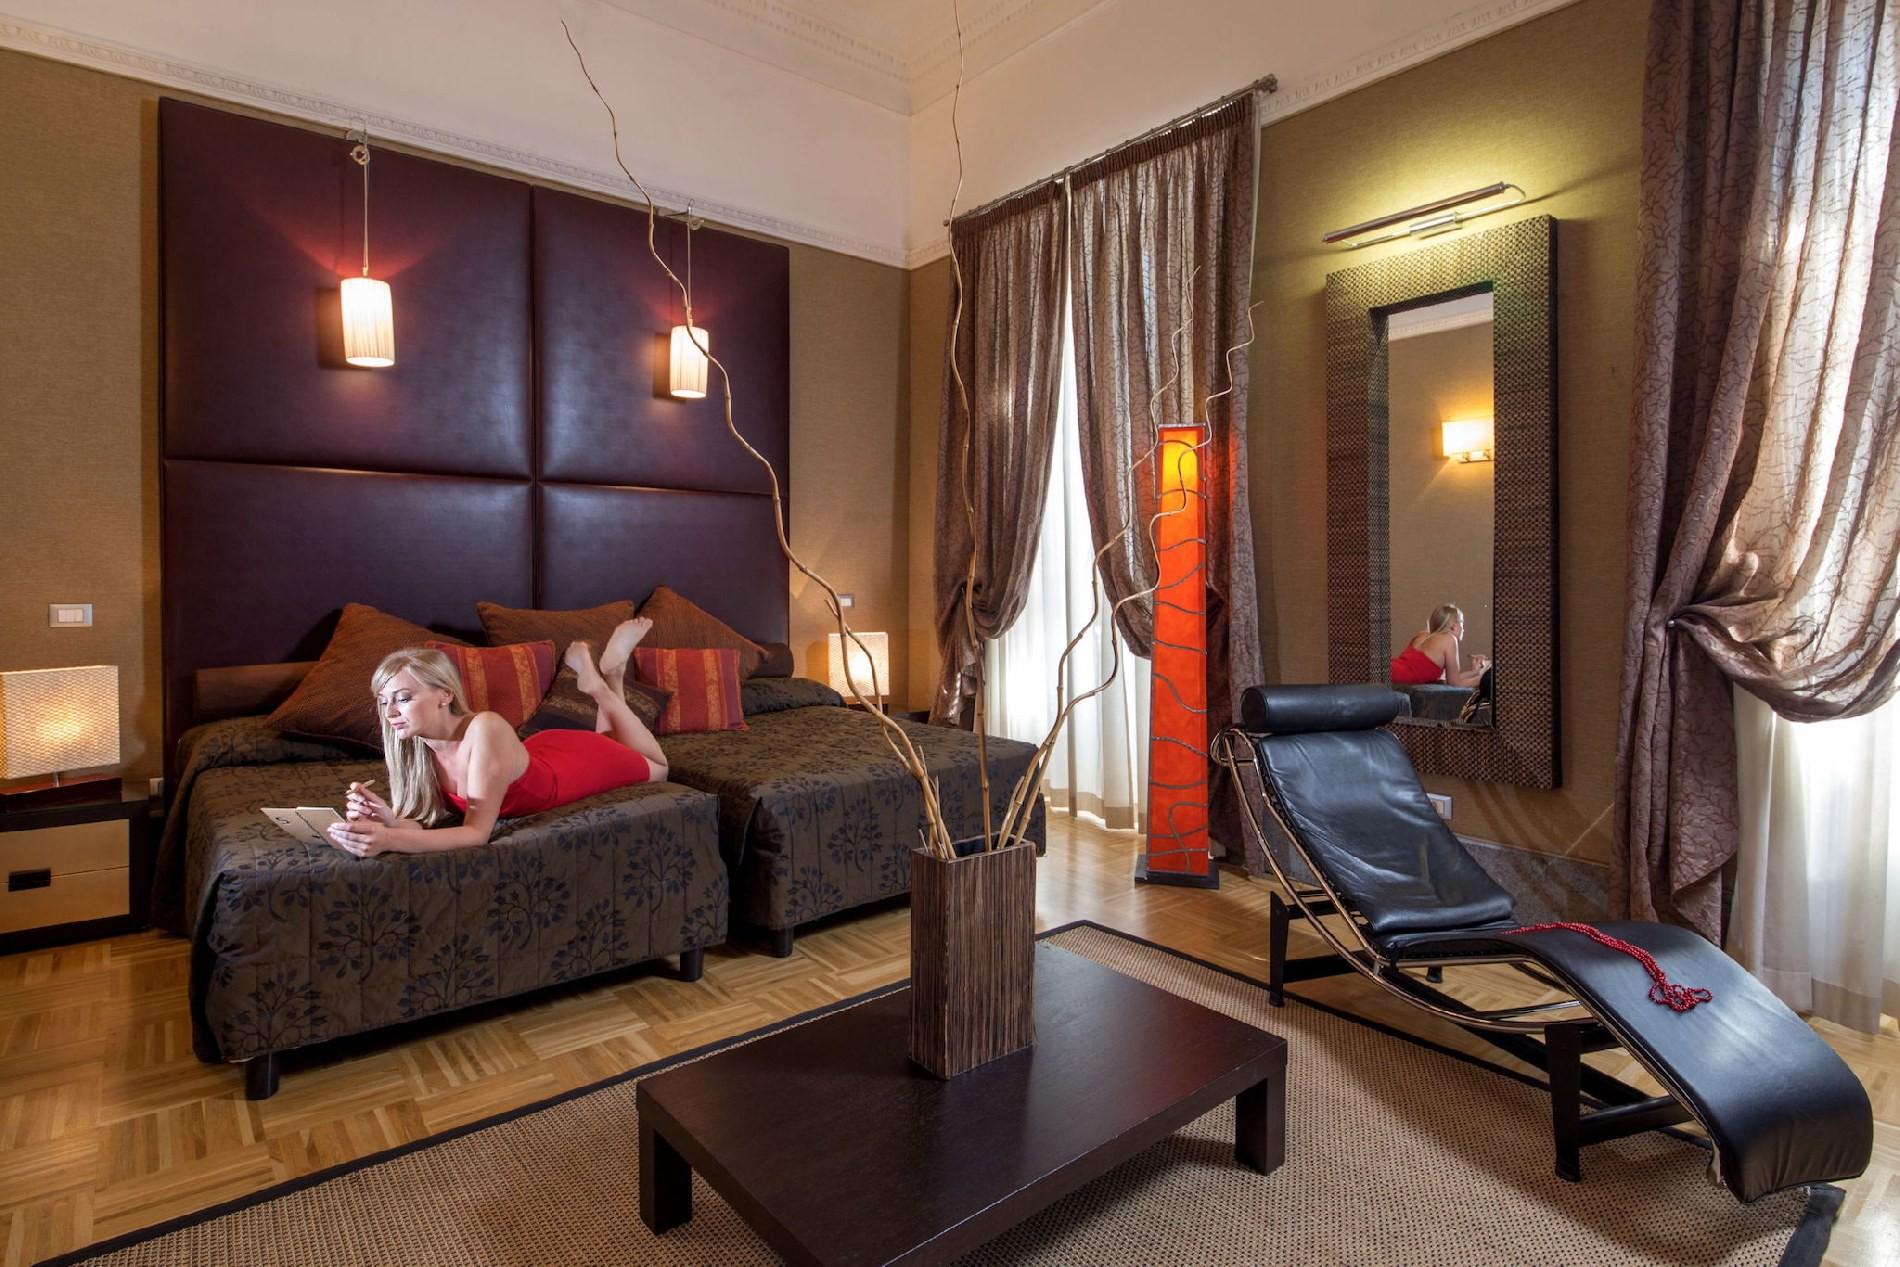 Hotel morgana roma camera family hotel 4 stelle roma for Camera roma